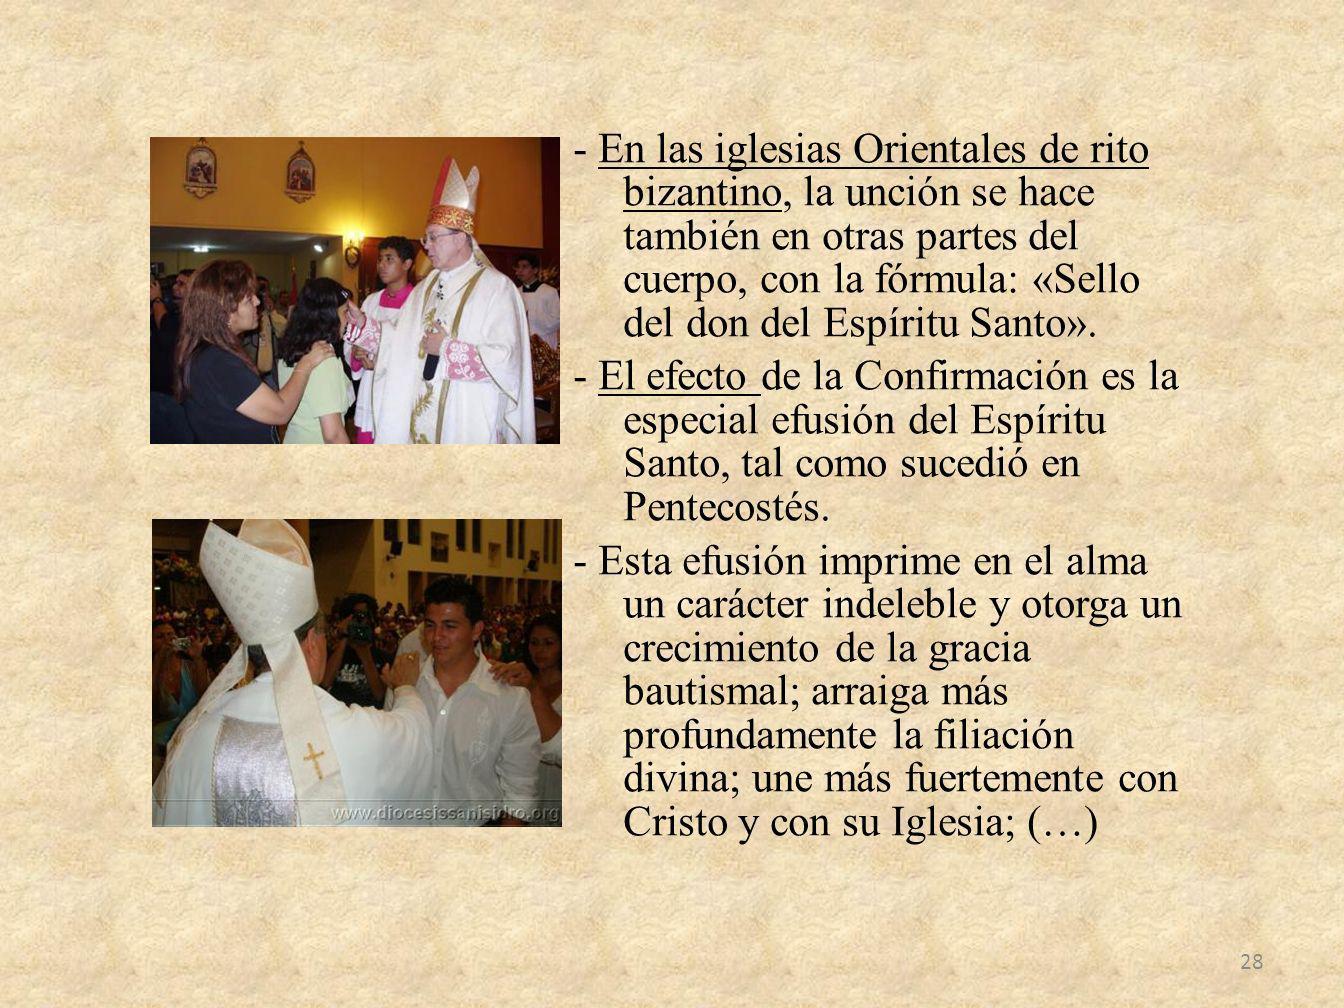 - En las iglesias Orientales de rito bizantino, la unción se hace también en otras partes del cuerpo, con la fórmula: «Sello del don del Espíritu Sant